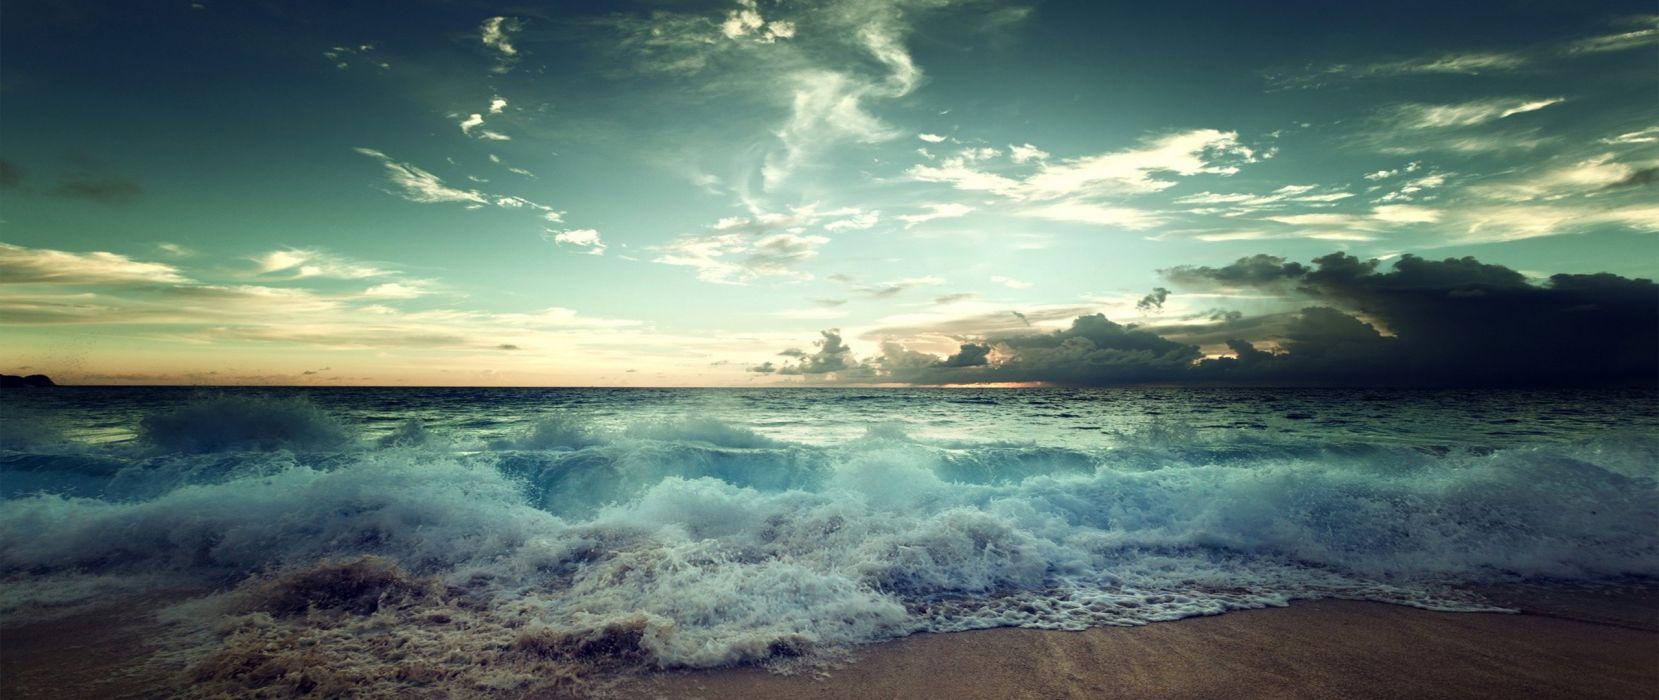 playa mar olas naturaleza wallpaper